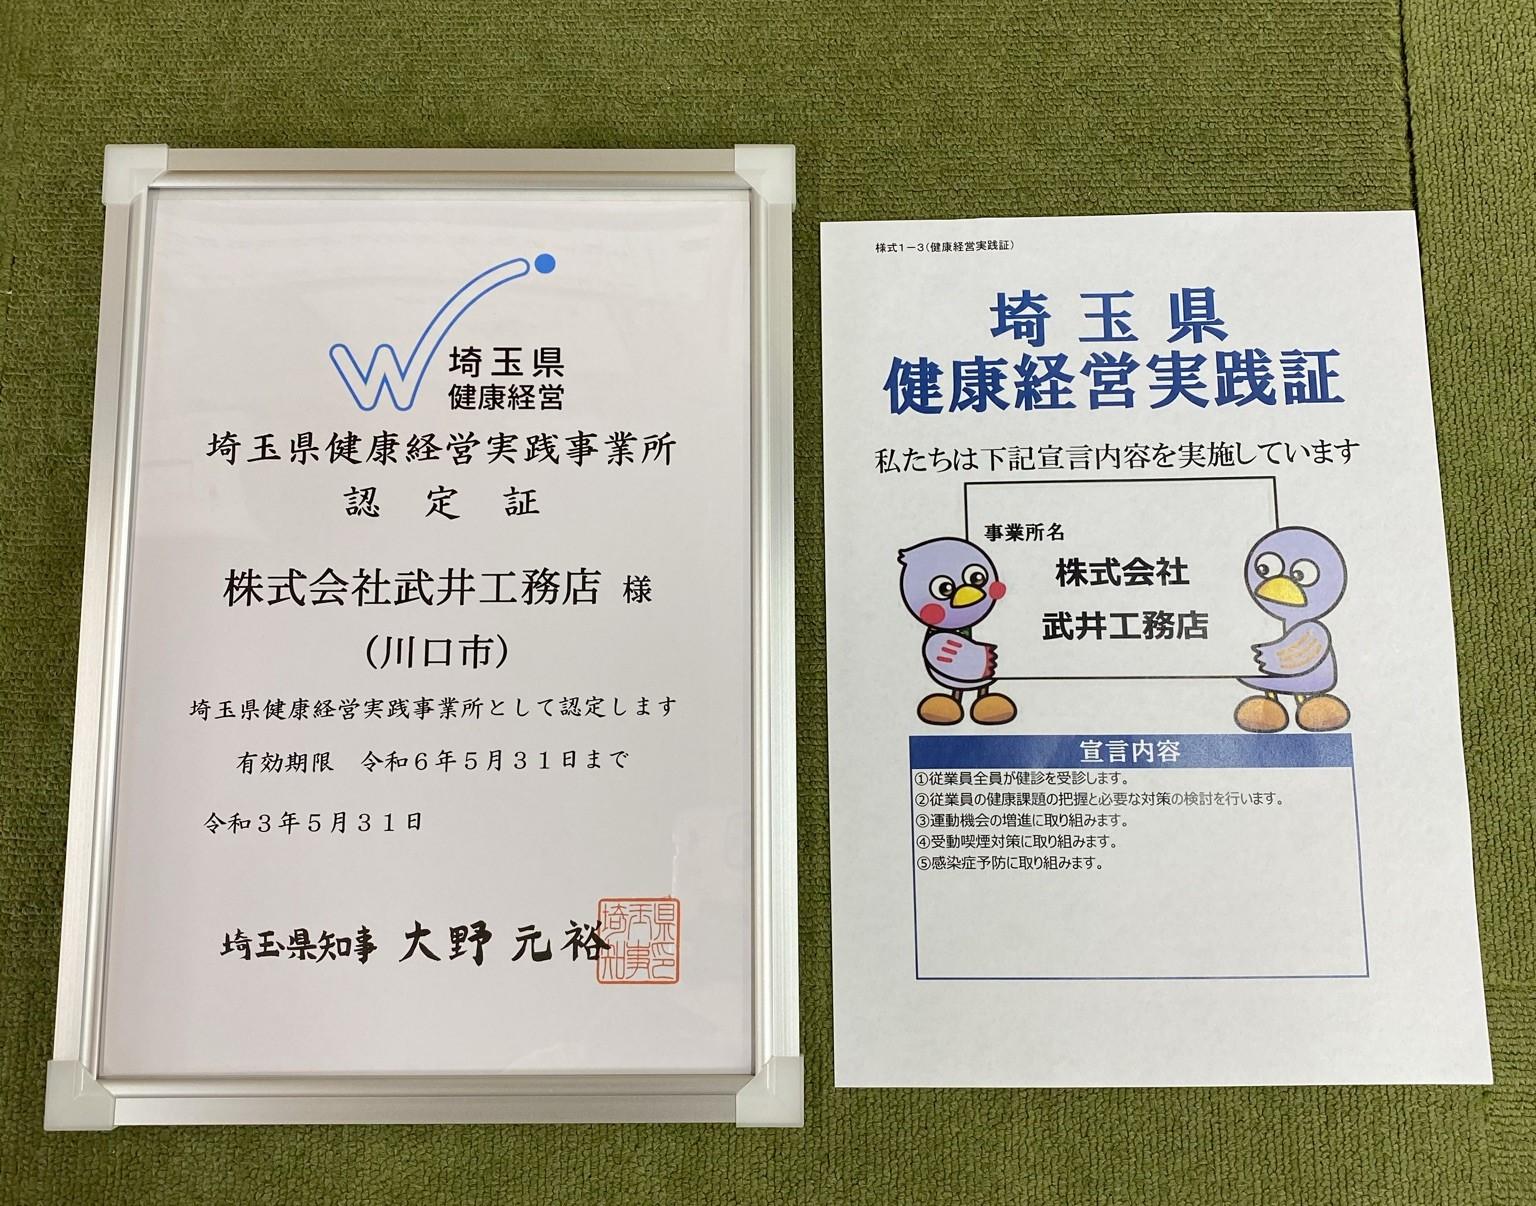 埼玉県健康経営実践事業所に認定されました。